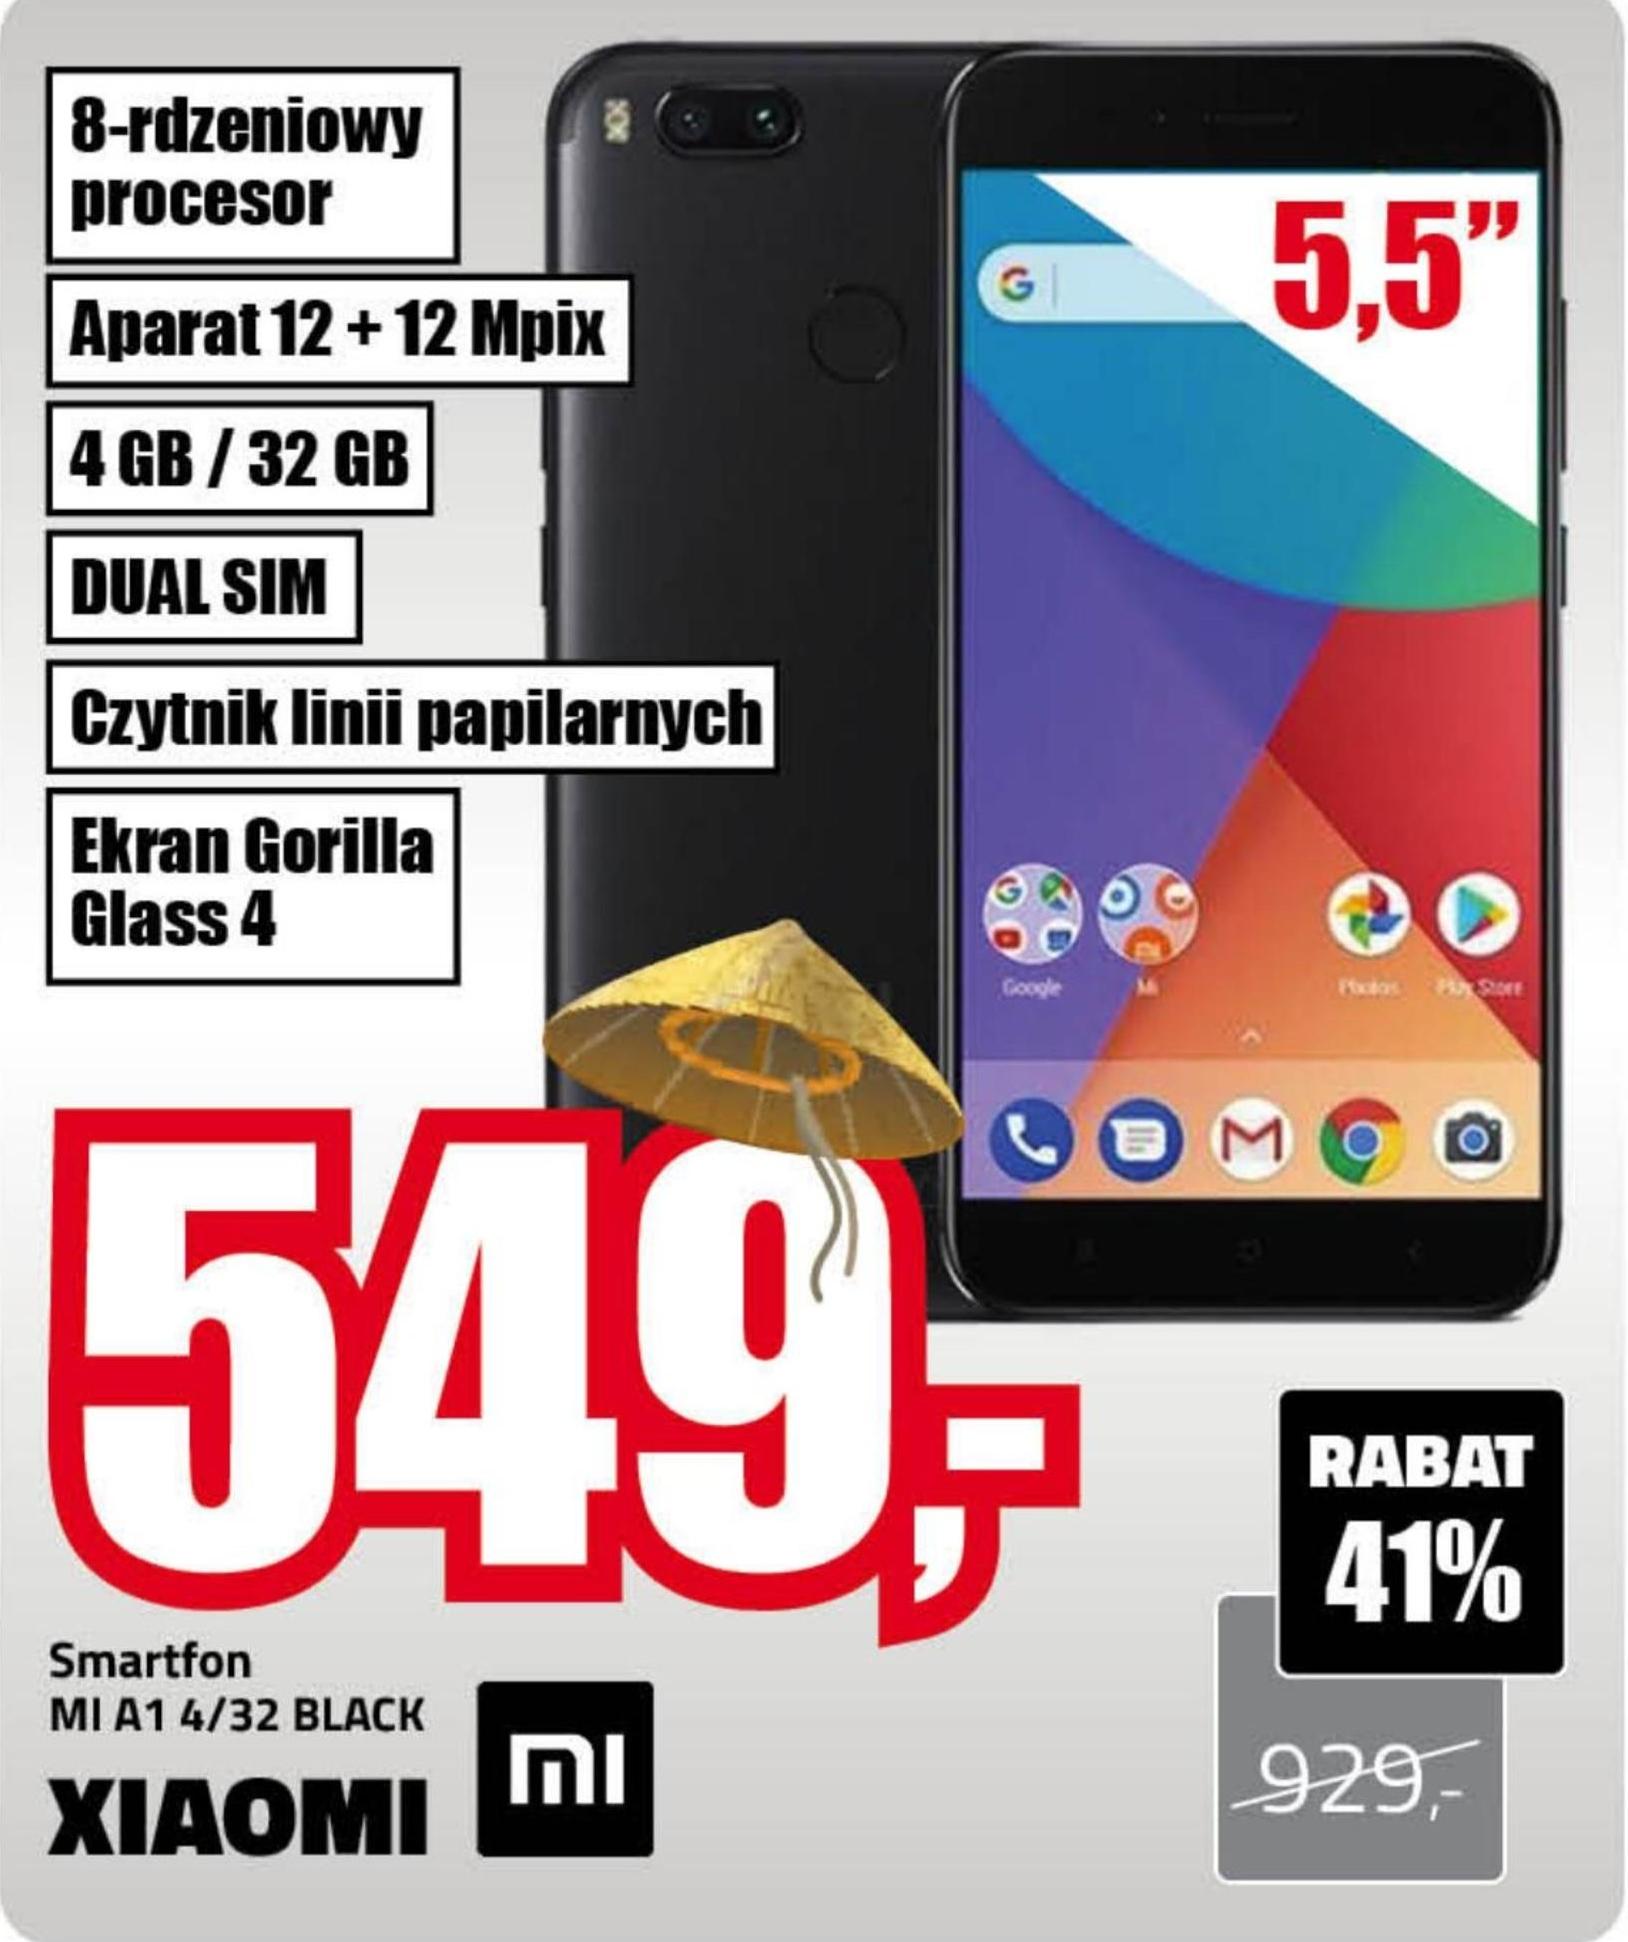 Smarfon MI A1 Xiaomi niska cena